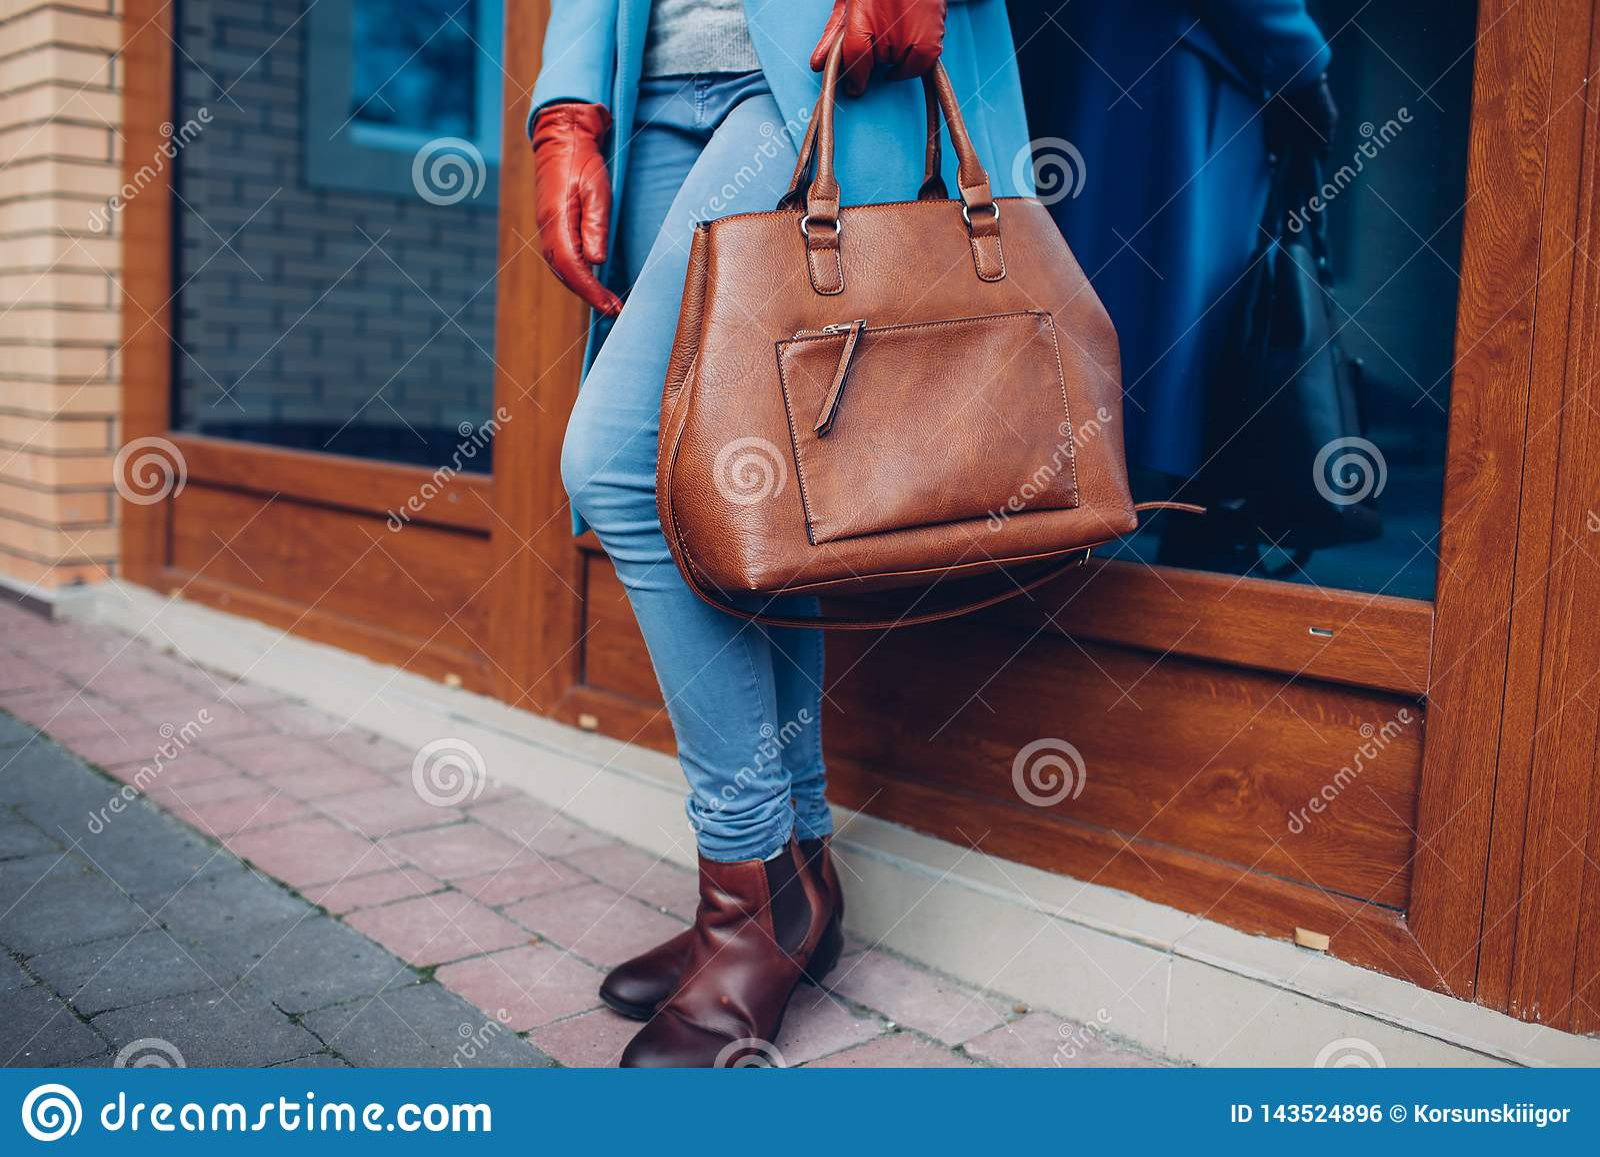 Schönheit und Mode Stilvoller tragender Mantel und Handschuhe der modernen Frau, braune Taschenhandtasche halten